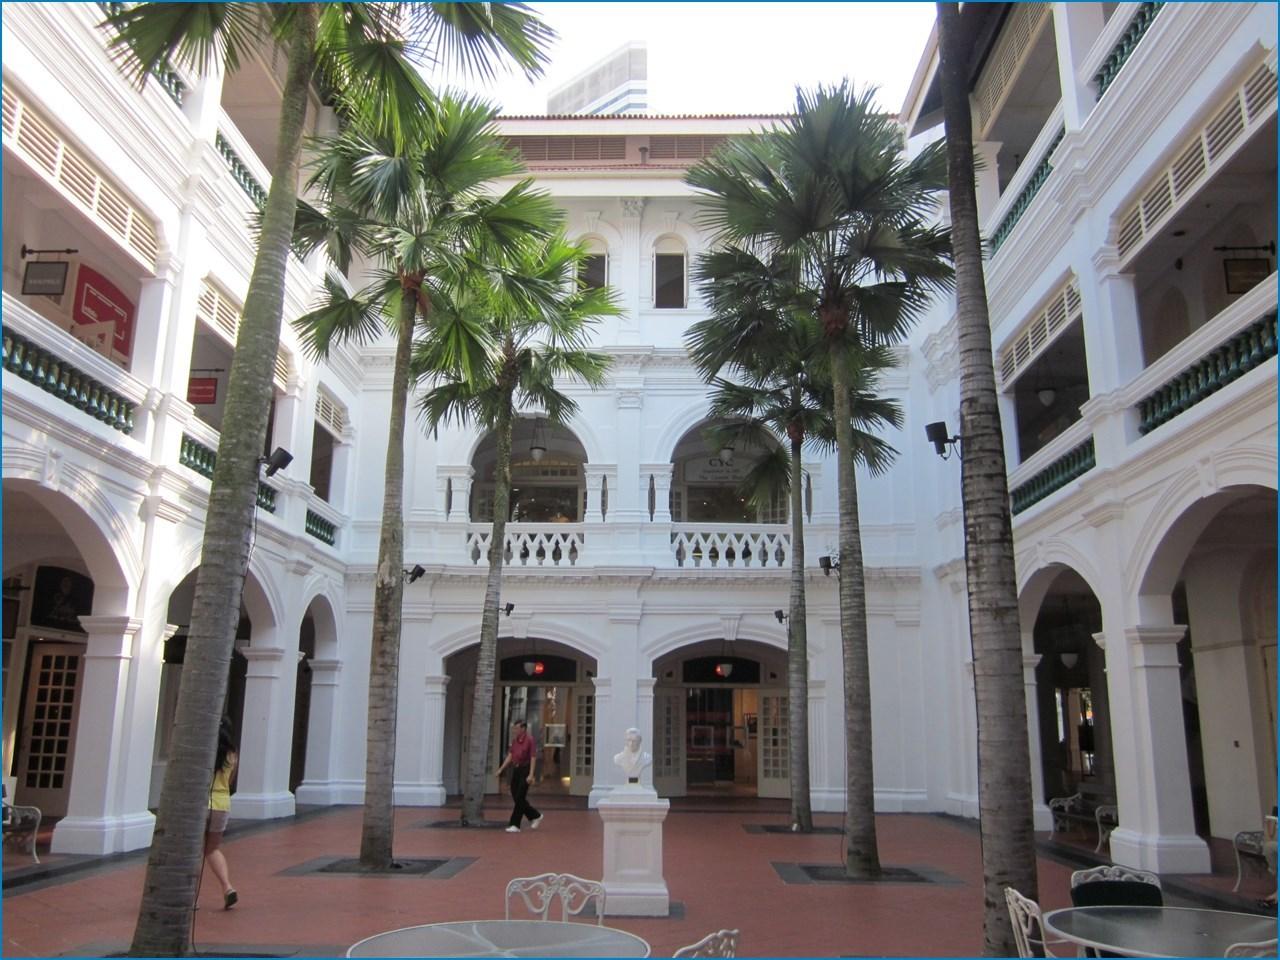 シンガポール建築見学 回想_c0376508_08260273.jpg